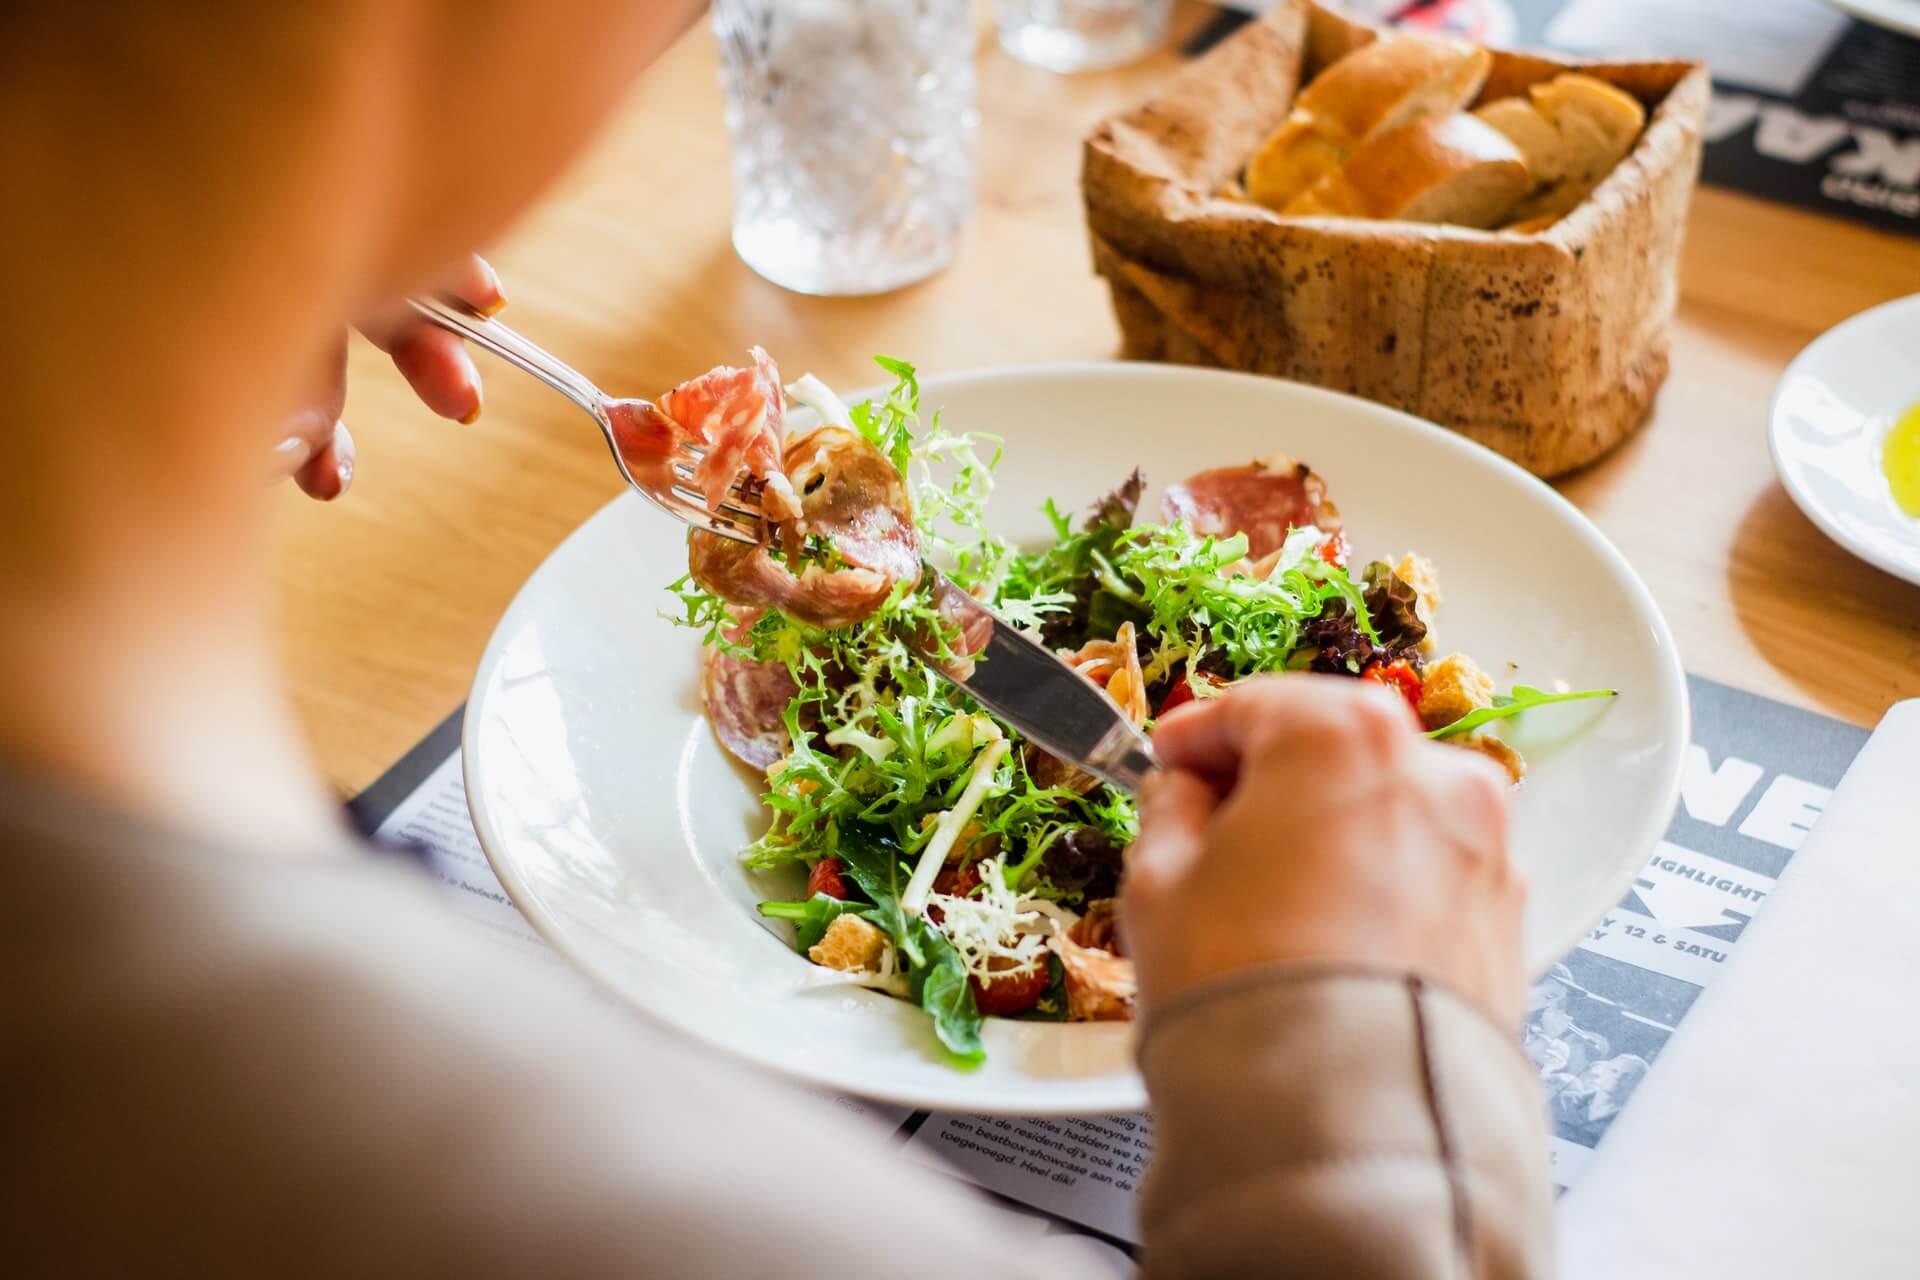 痩せるためには食事や生活習慣も重要